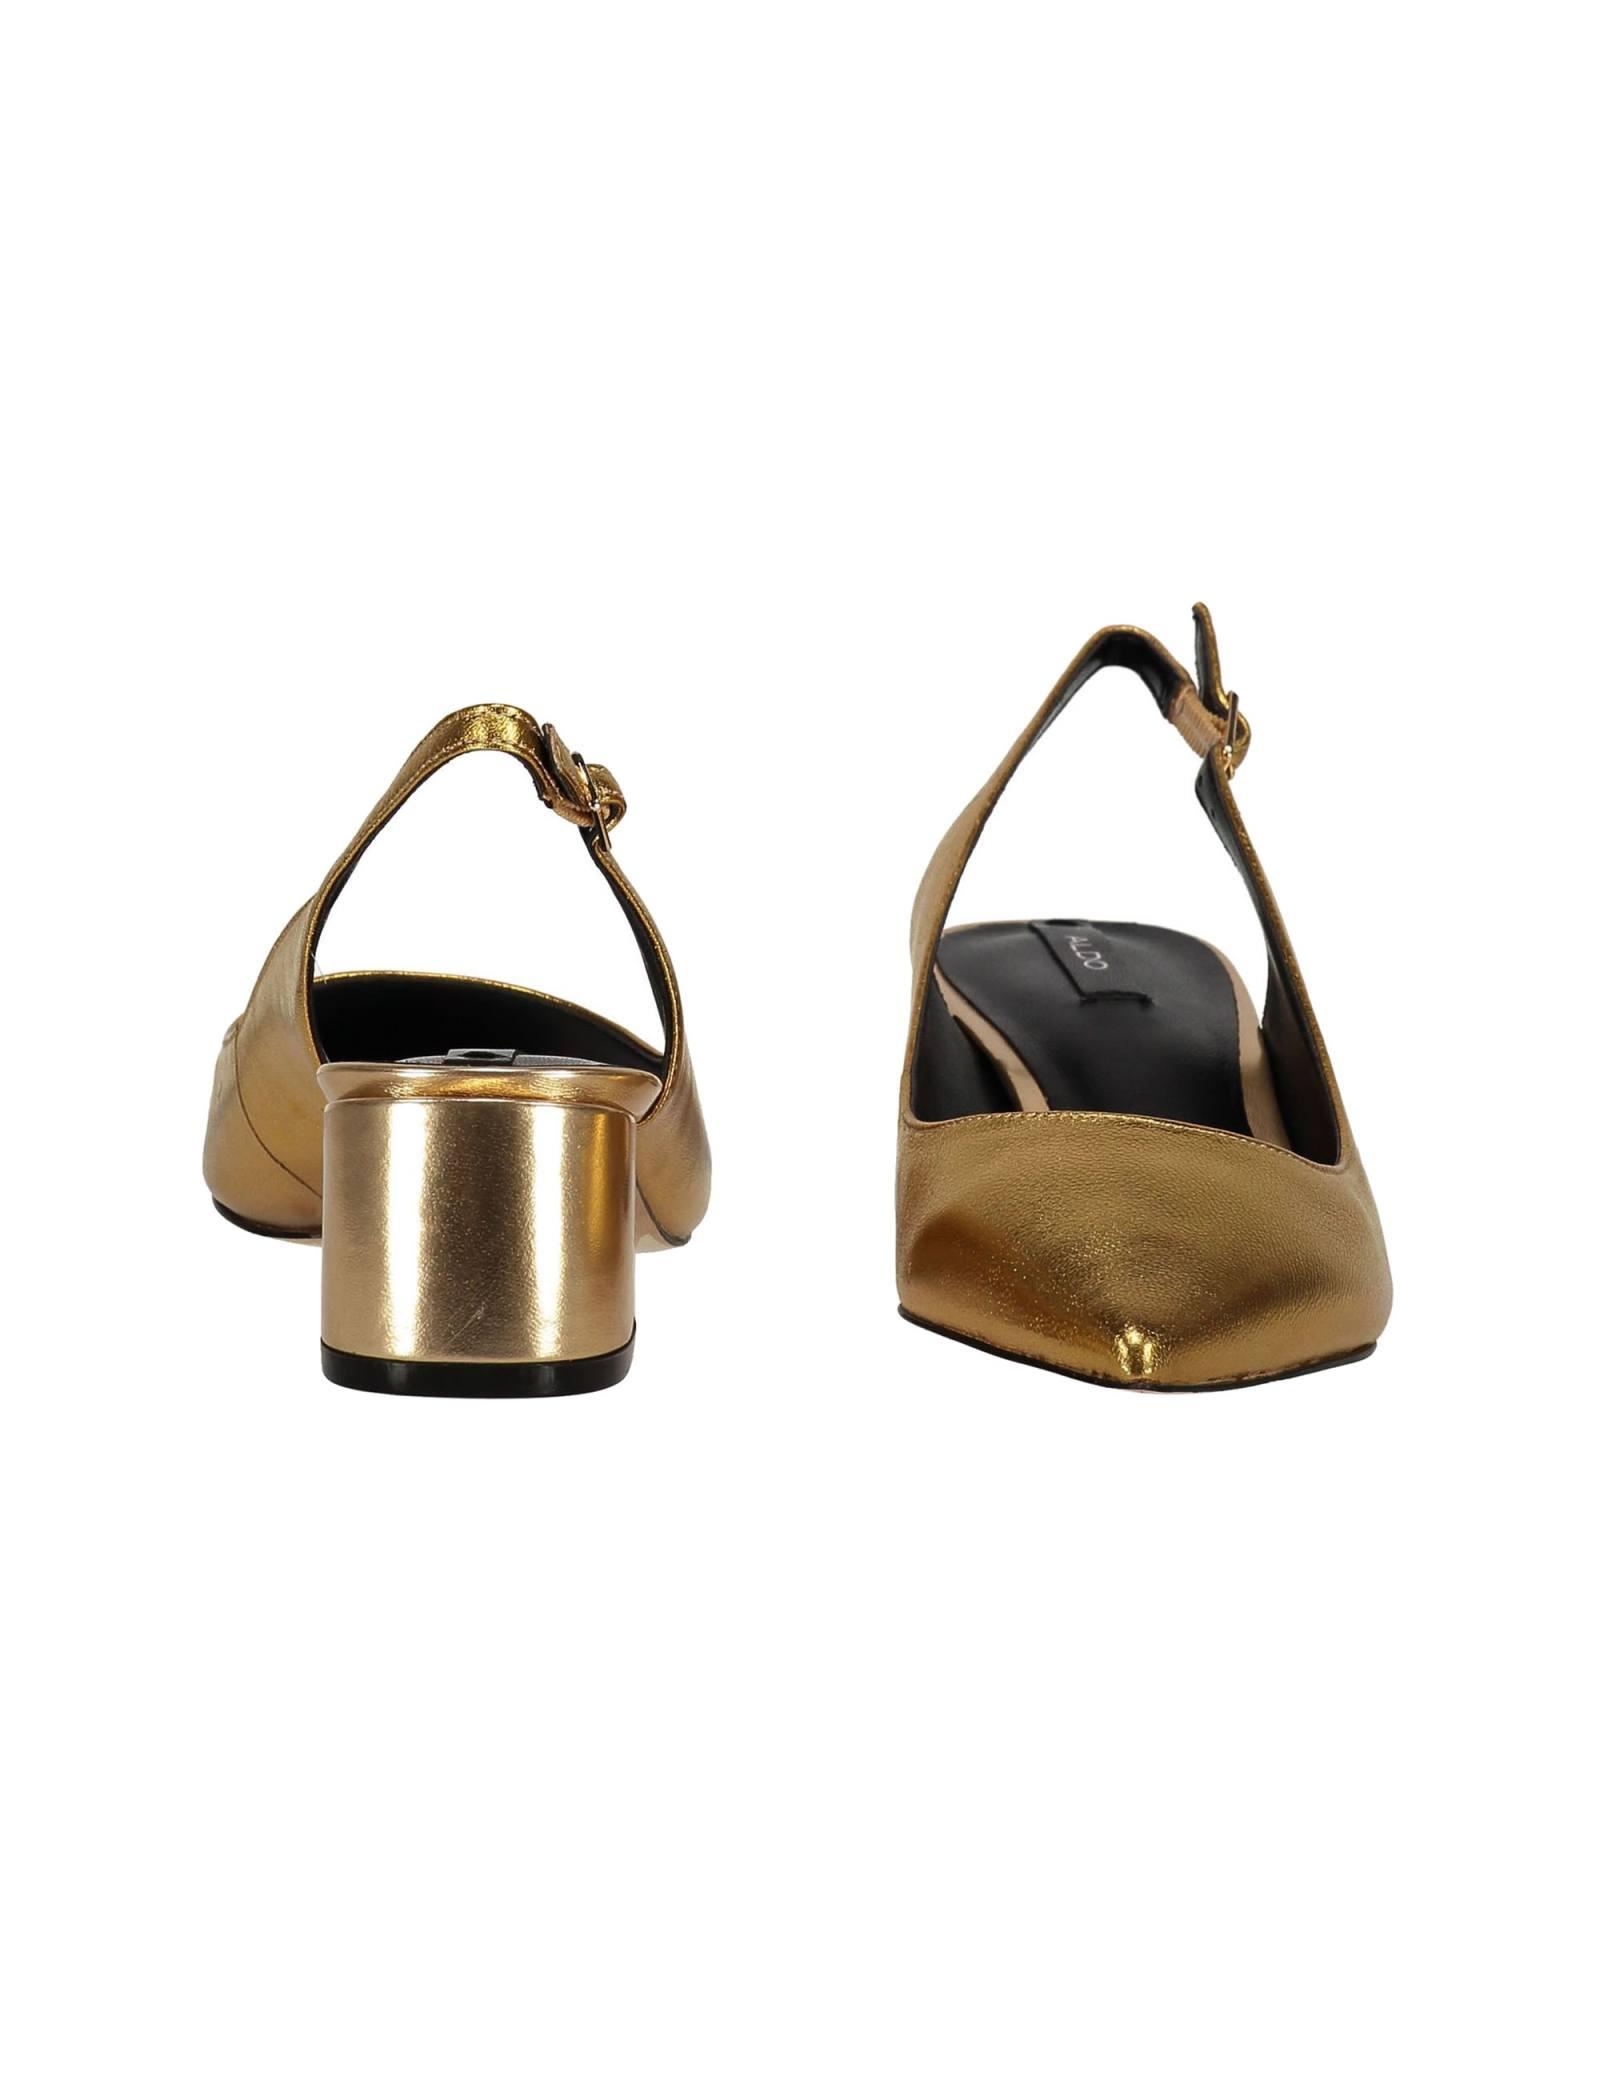 کفش پاشنه بلند چرم زنانه - آلدو - طلايي - 4